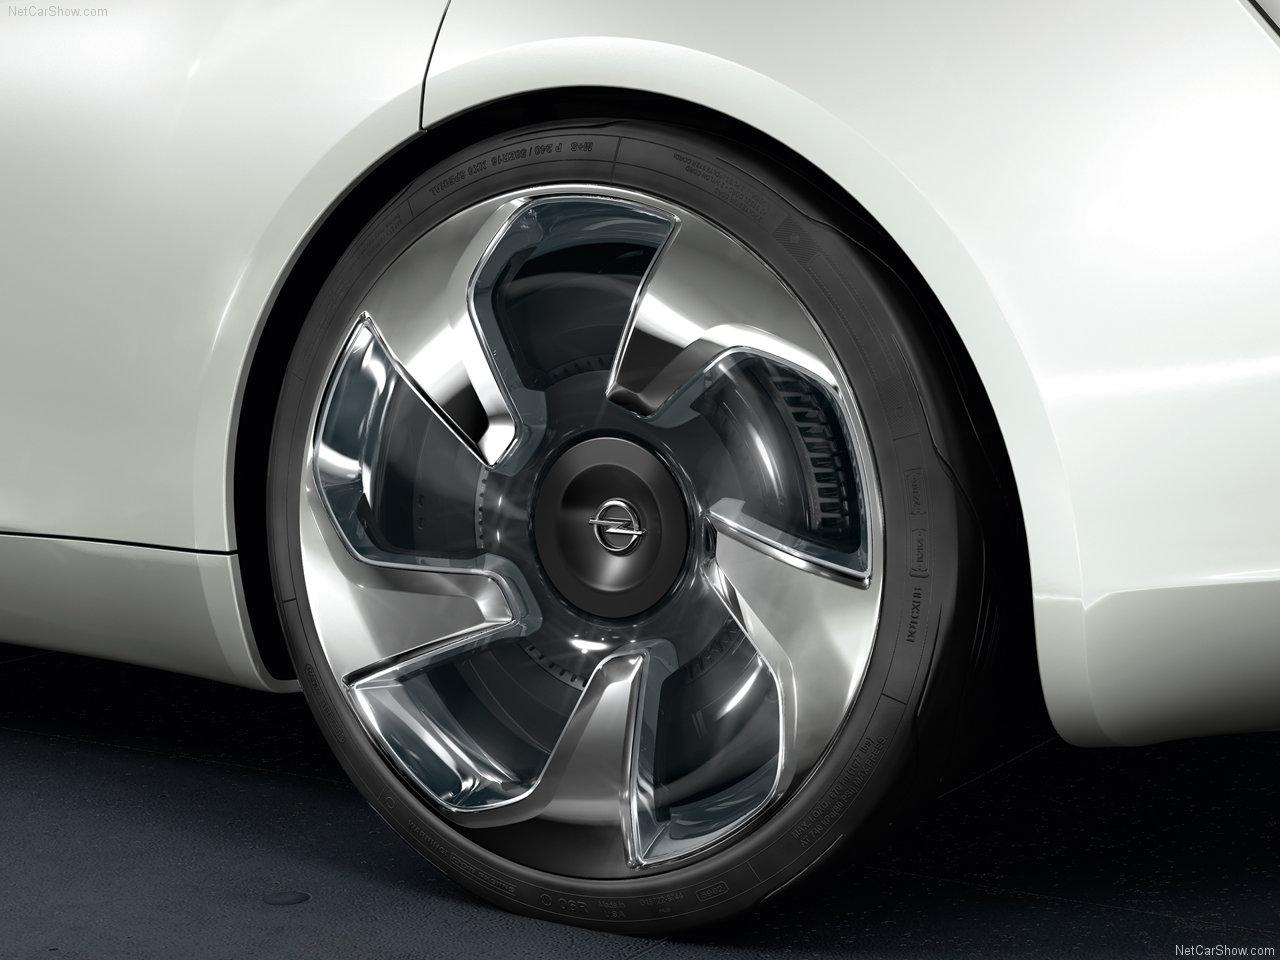 http://2.bp.blogspot.com/_lsyt_wQ2awY/TDtA-VaL4QI/AAAAAAAB-B4/CHFSgzGW-AQ/s1600/Opel-Flextreme_GT-E_Concept_2010_1280x960_wallpaper_08.jpg